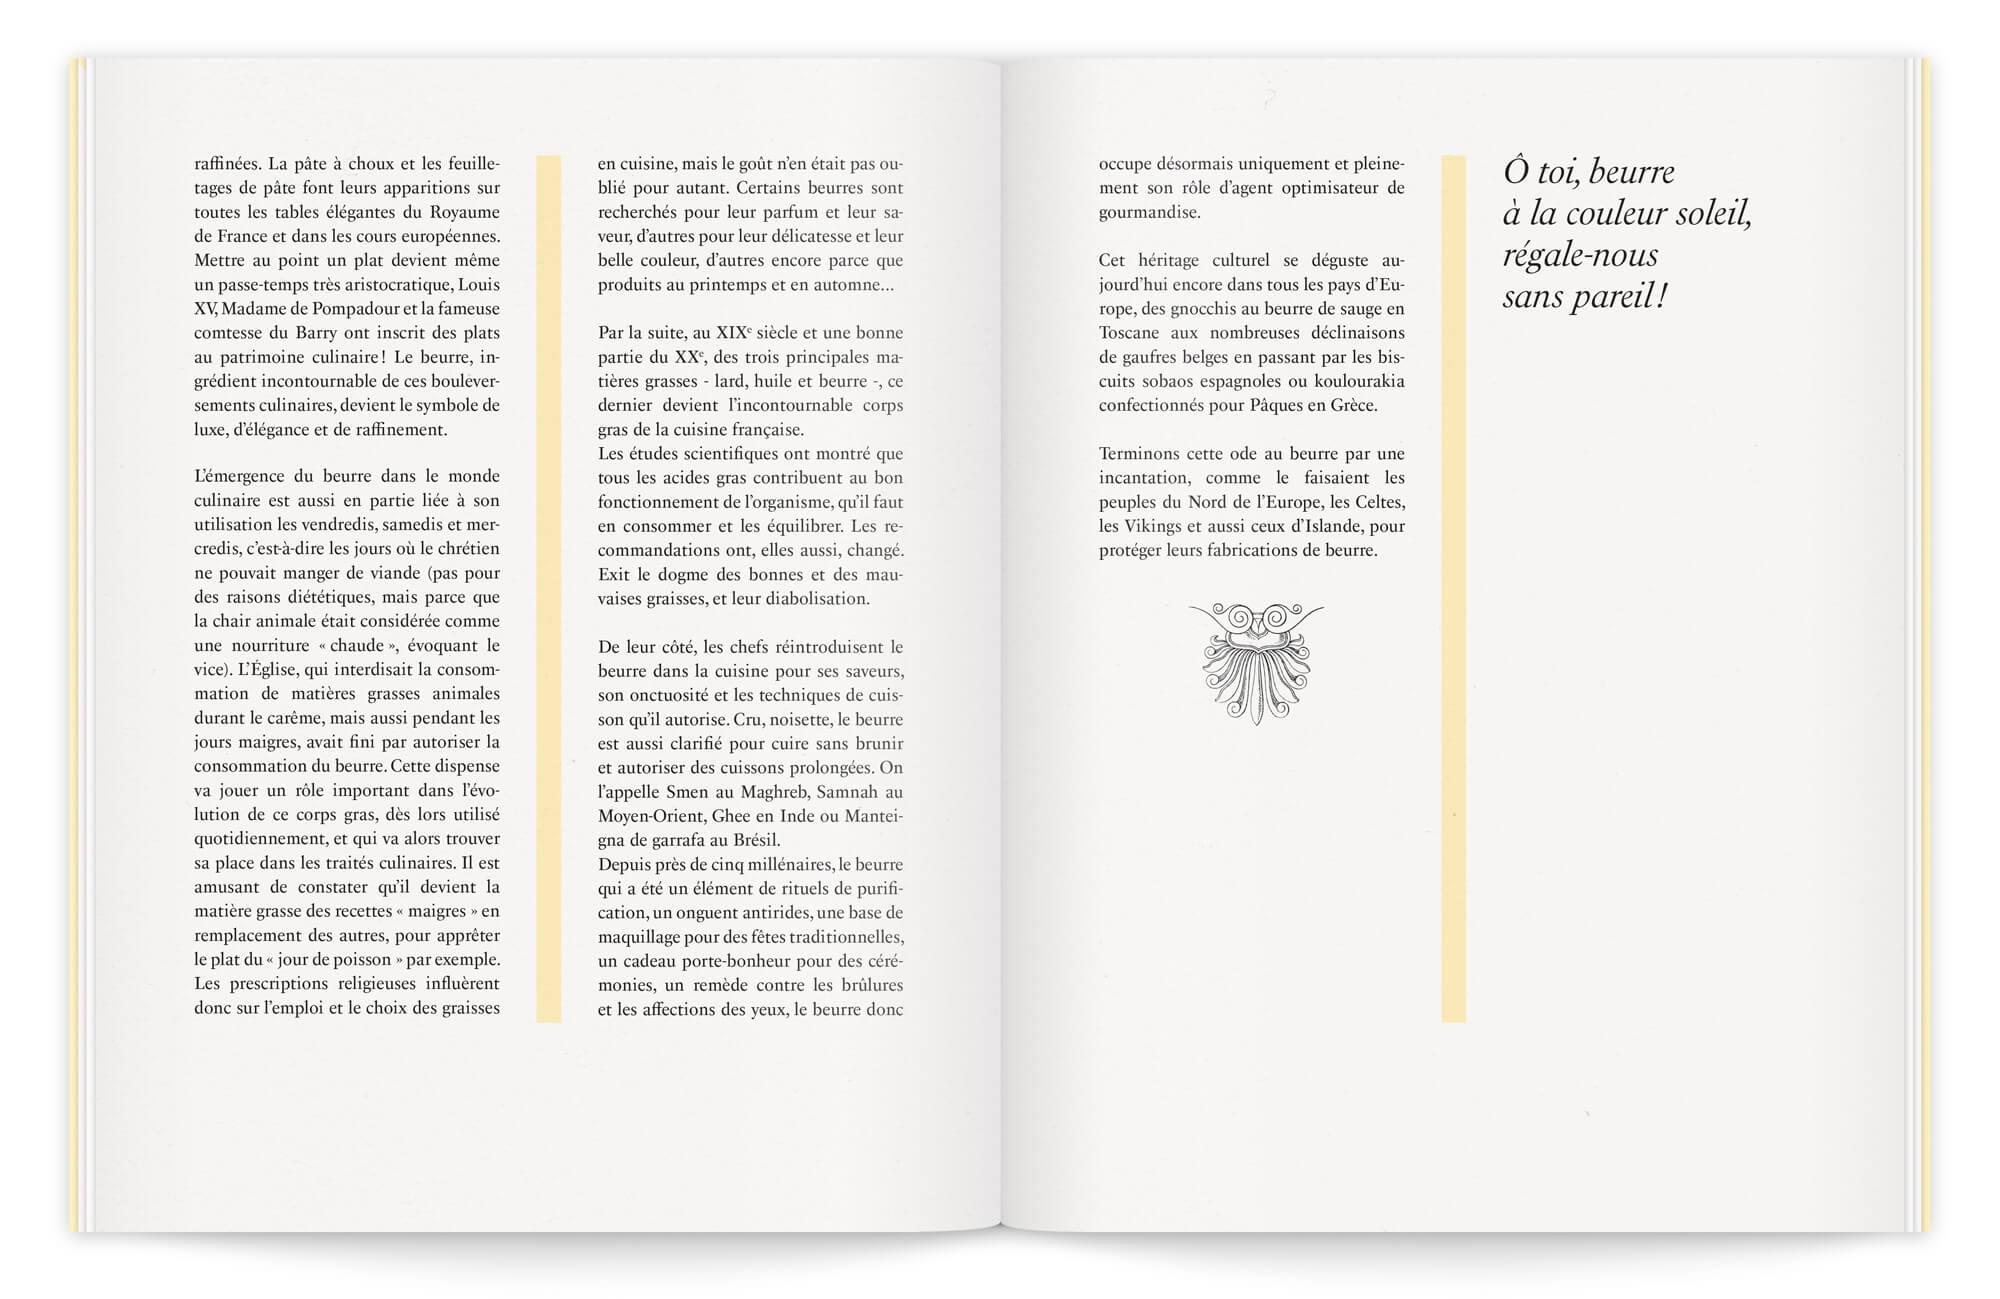 belle double page raffinée, ornée de gravures anciennes. une brochure premium dessinée par Helena Ichbiah